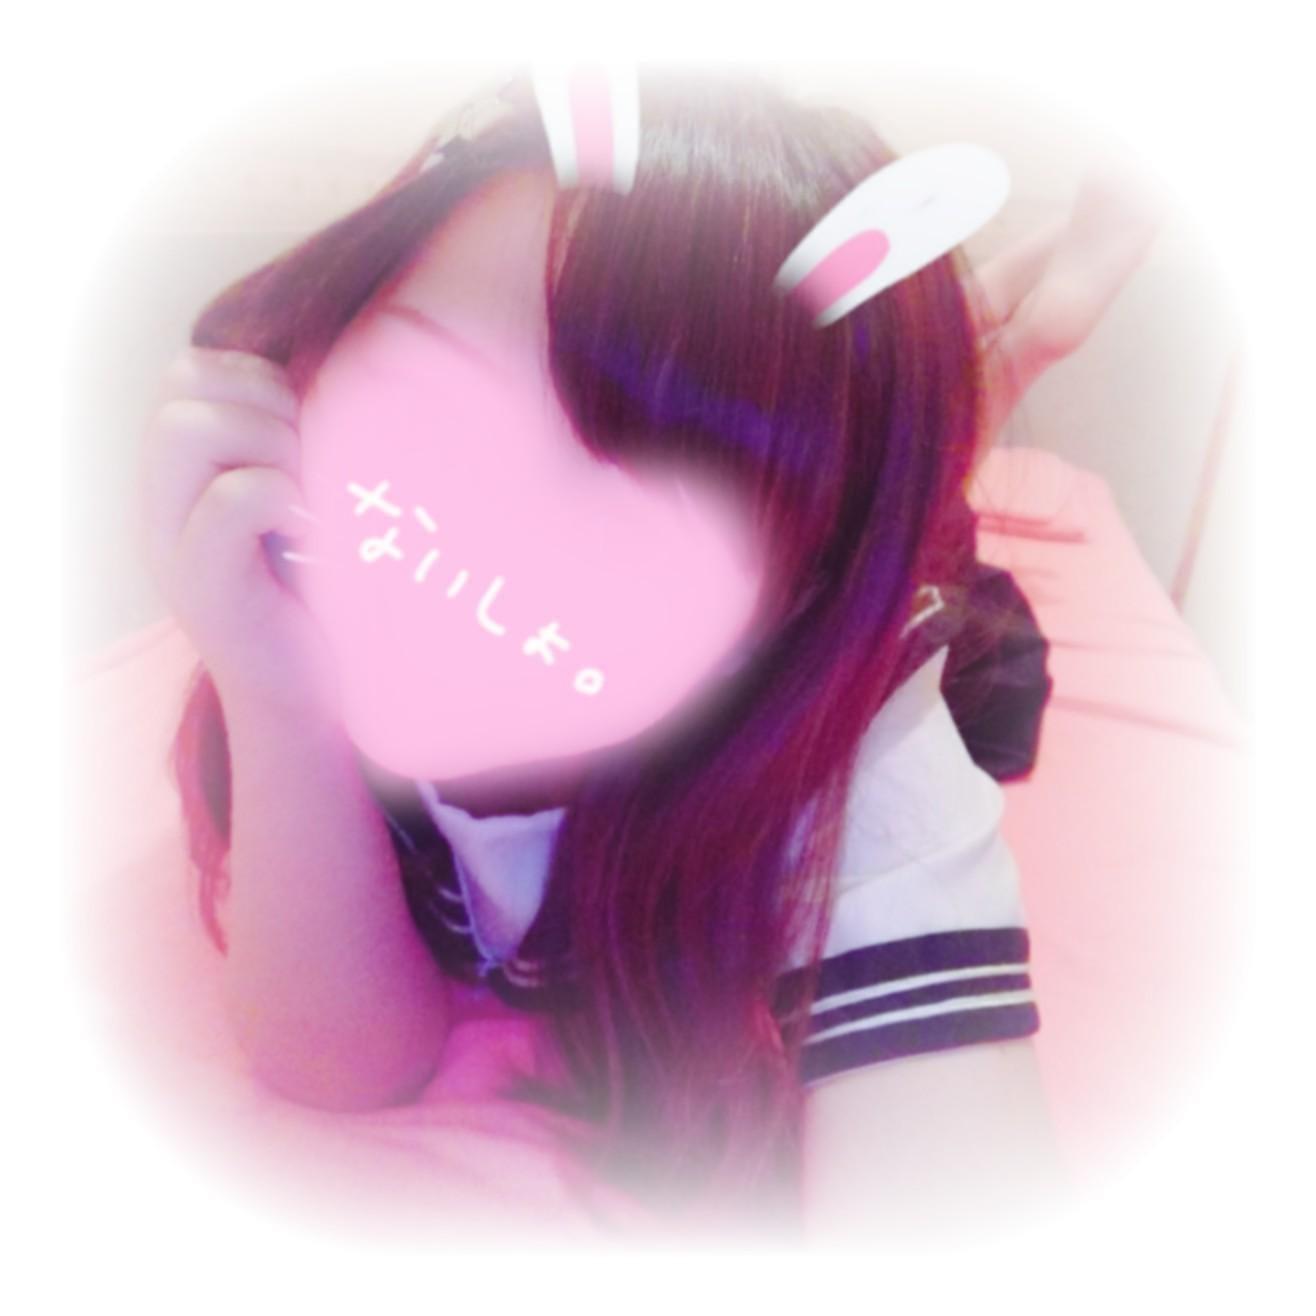 「♡今日も…♡」09/18(水) 15:40 | みうなの写メ・風俗動画